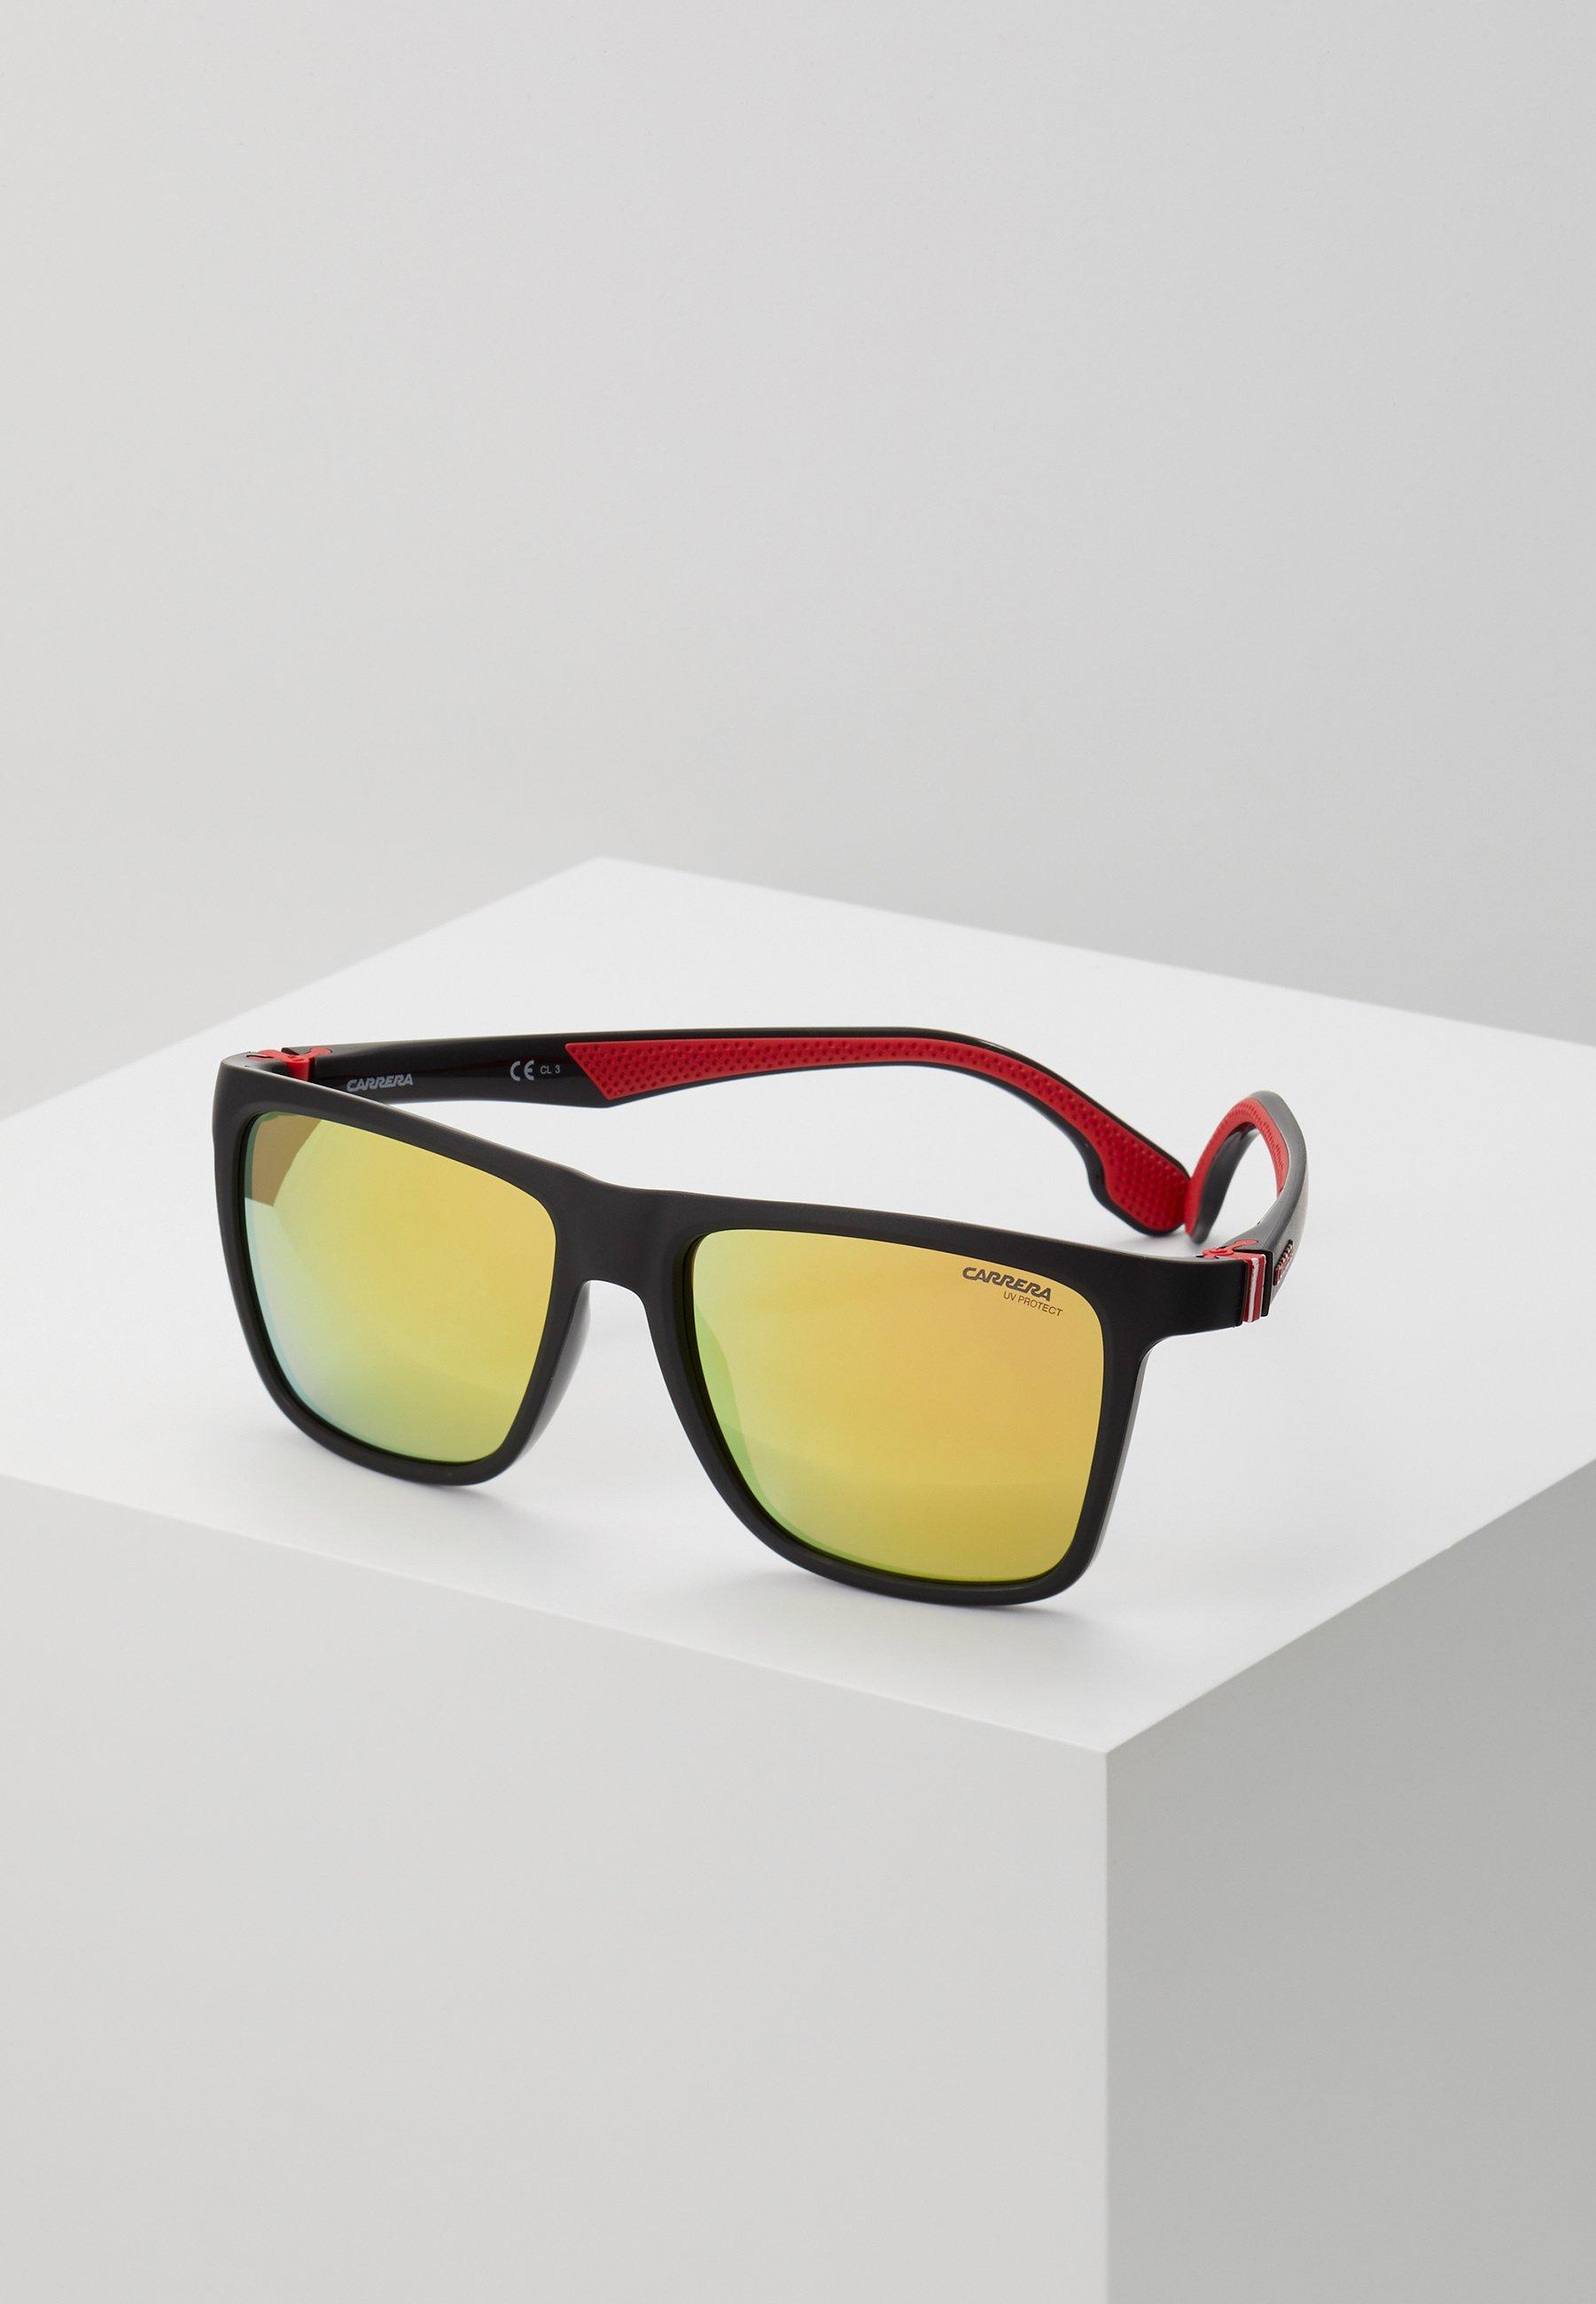 Precio de fábrica Carrera Gafas de sol - matt black   Complementos de hombre 2020 98eRg